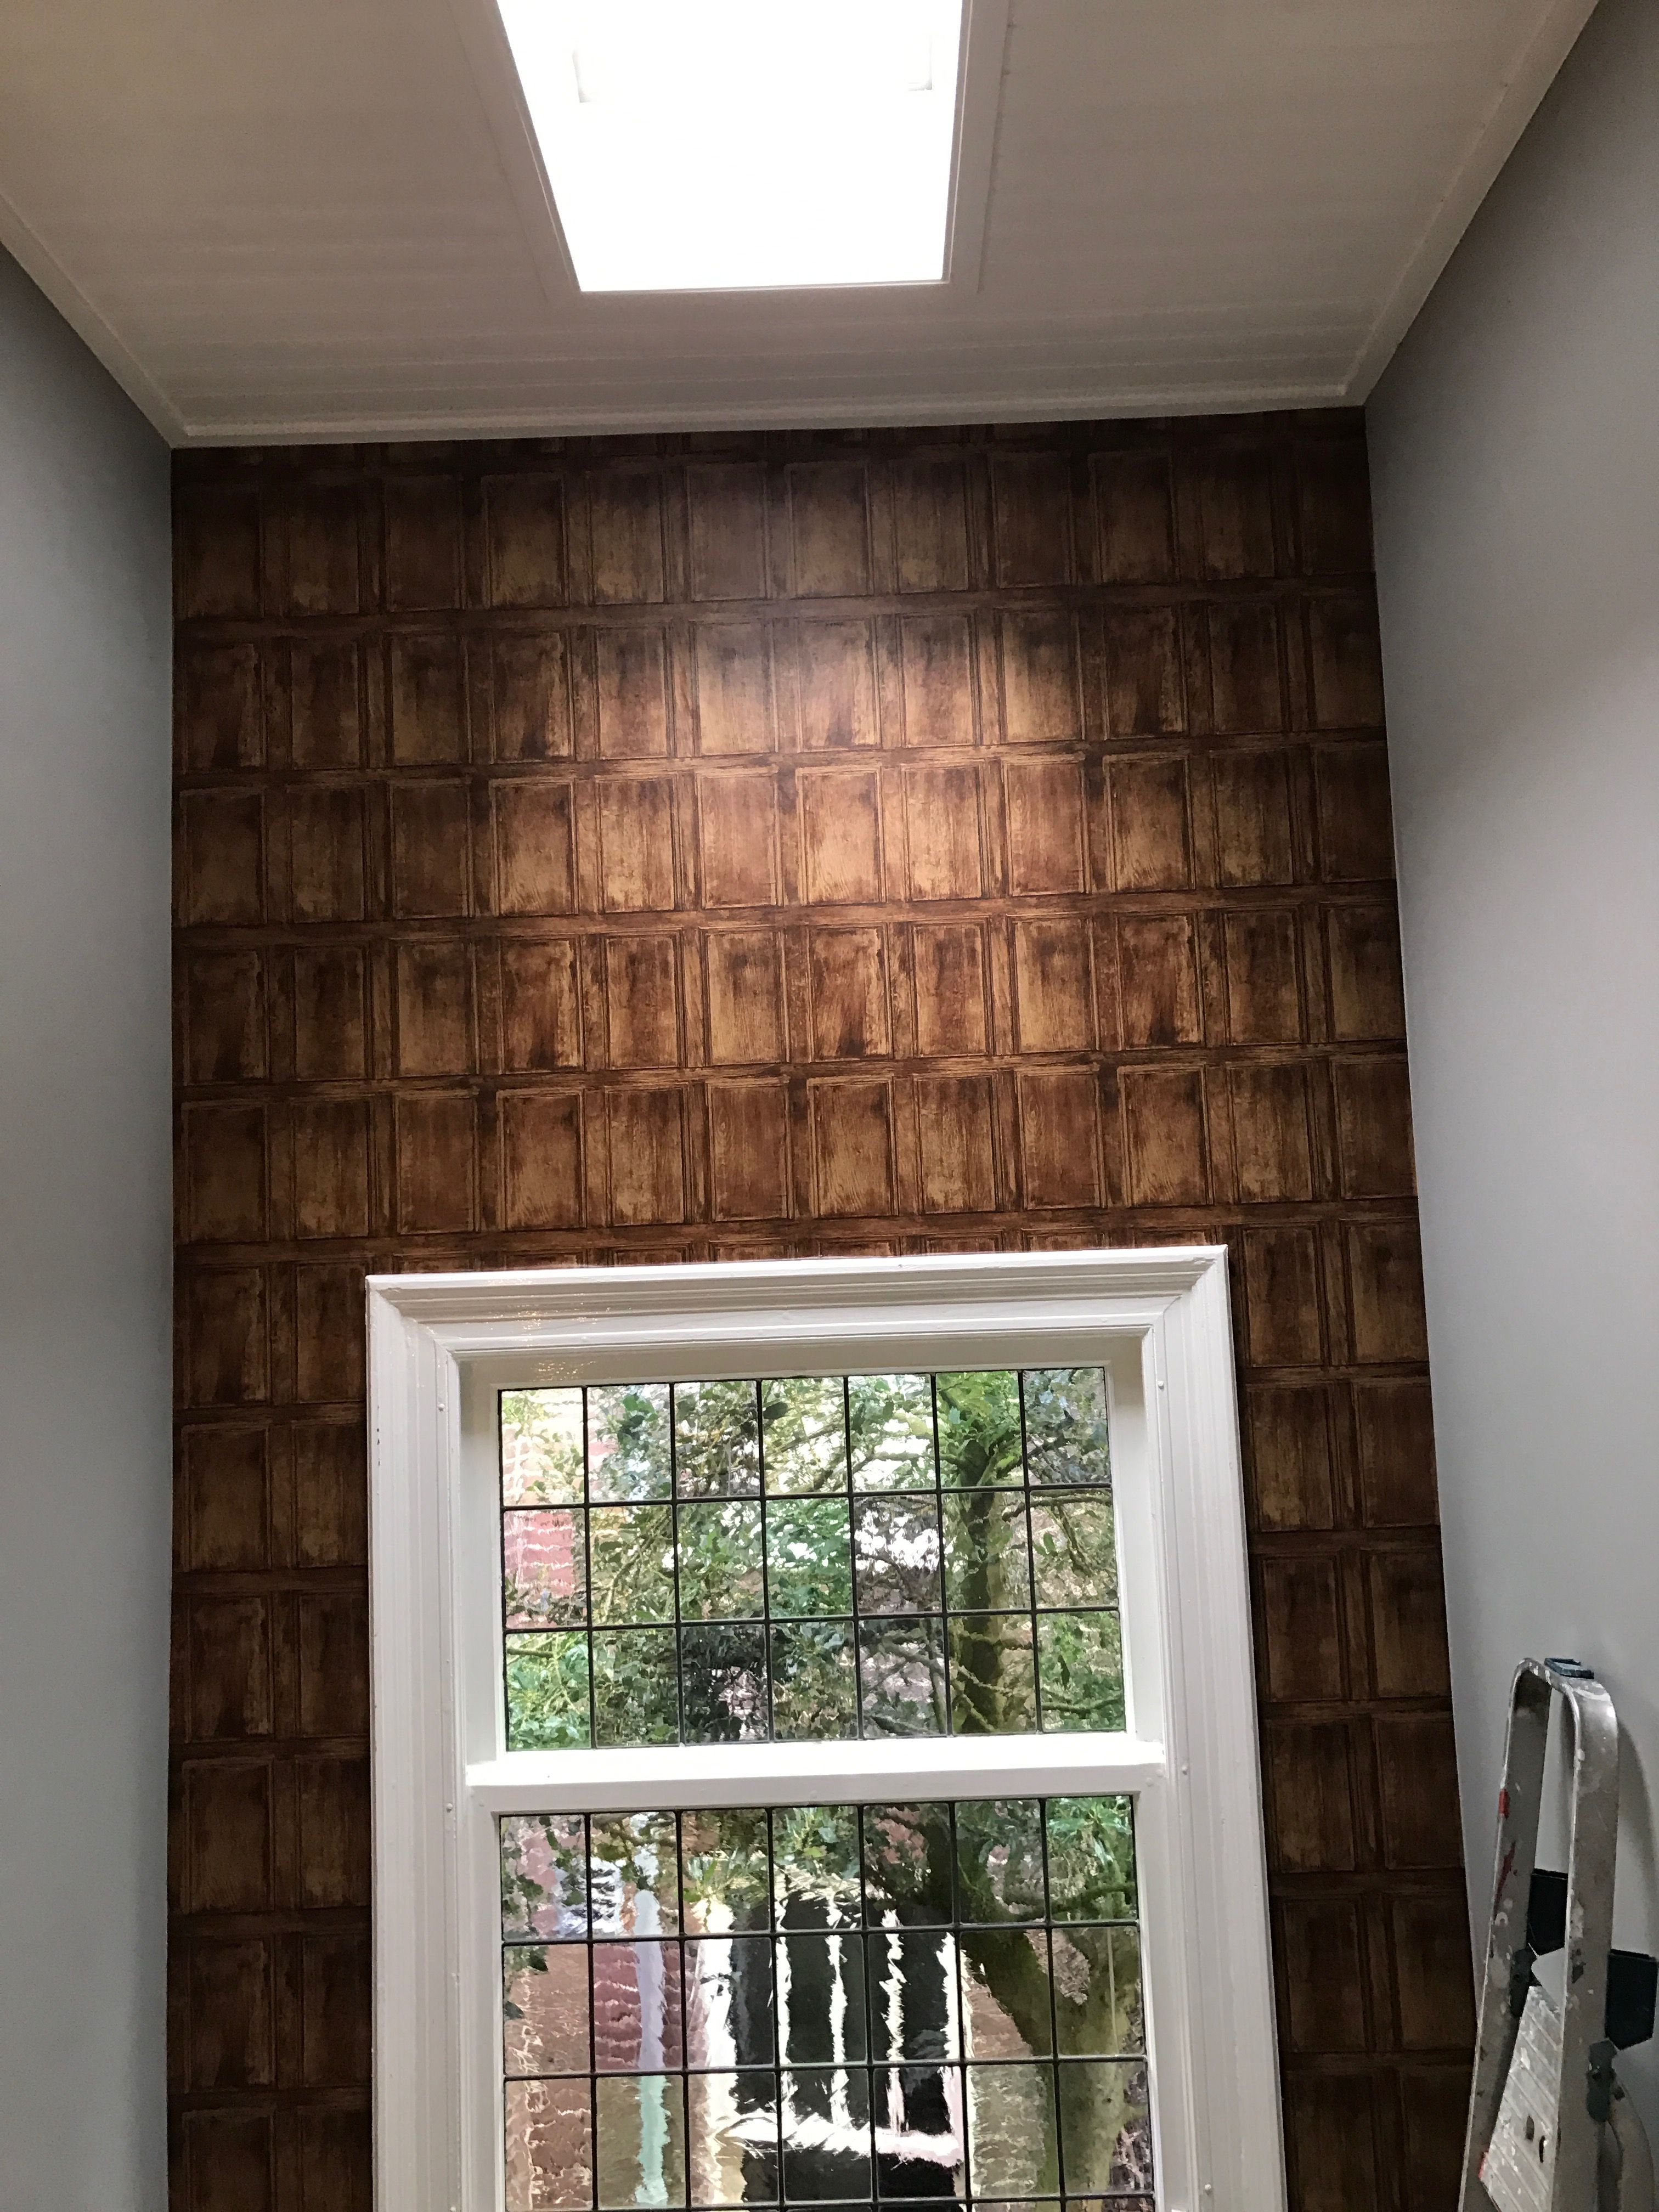 Trappenhuis behangen met deze zgn houten panelen te leuk mijn